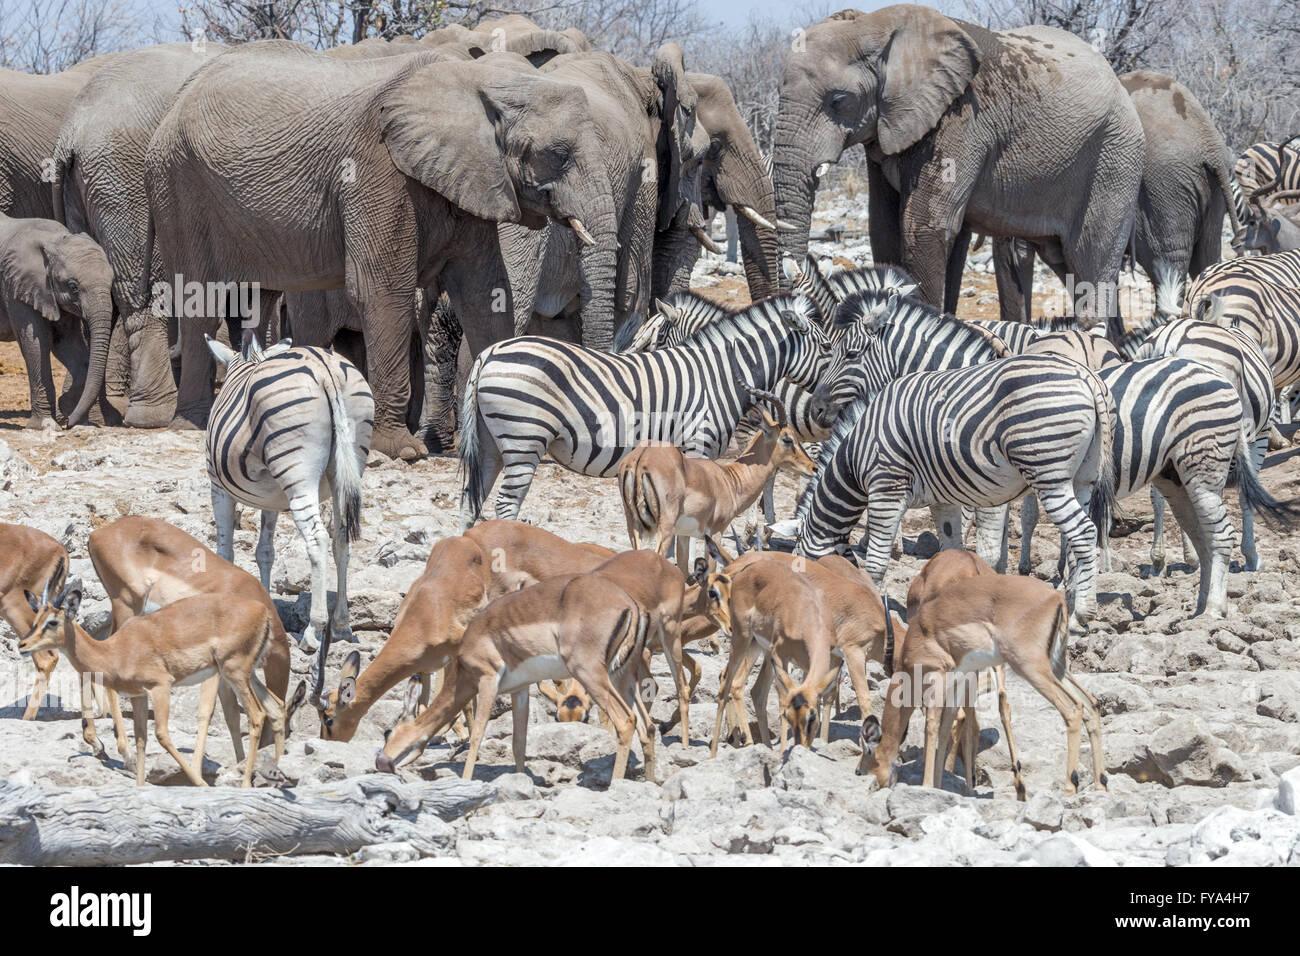 Scenes around watering hole Etosha National Park Namibia - Stock Image